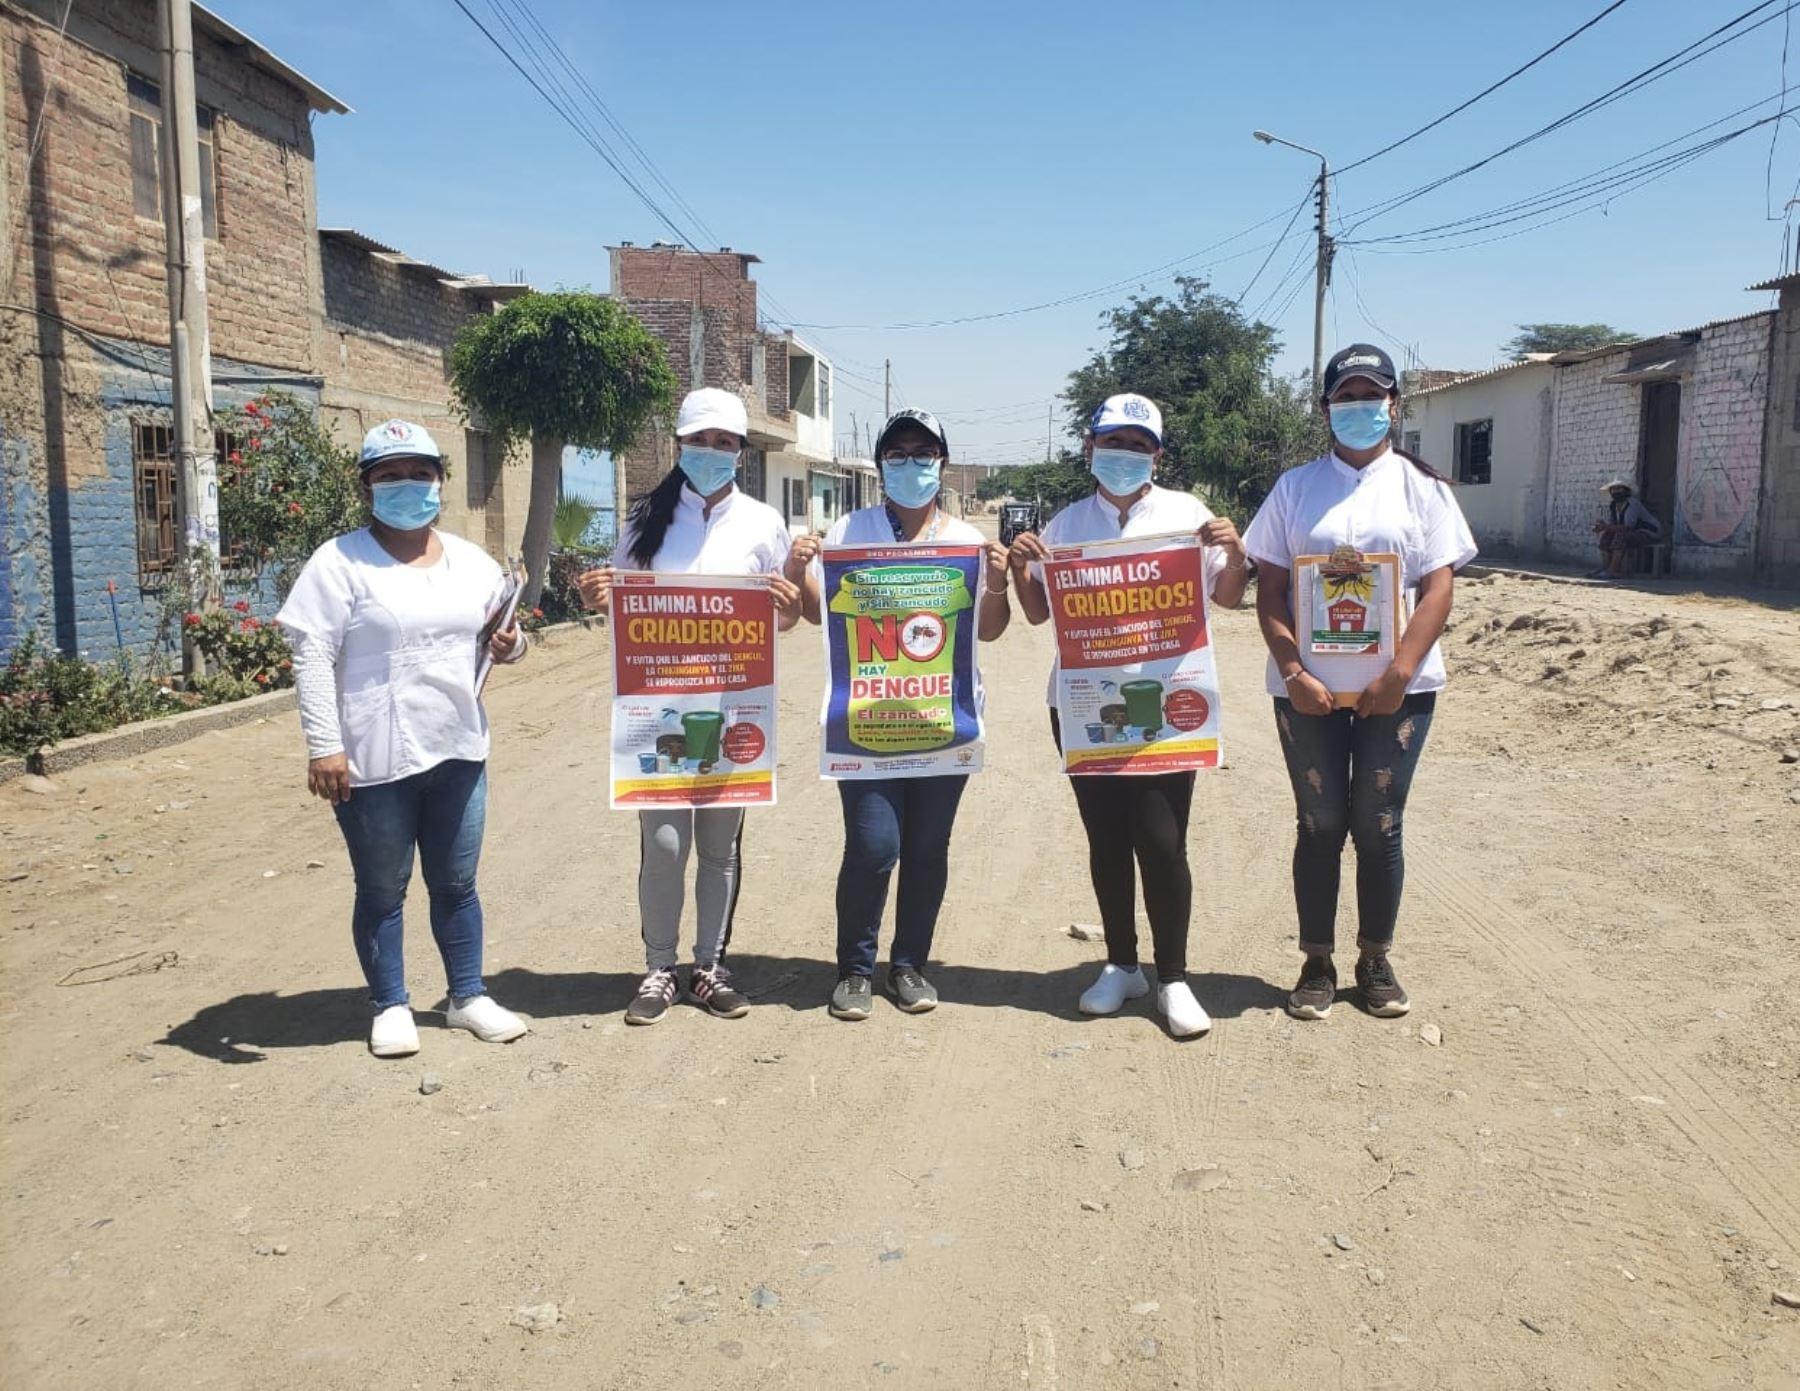 la-libertad-pacasmayo-promueve-recoleccion-de-inservibles-para-prevenir-el-dengue